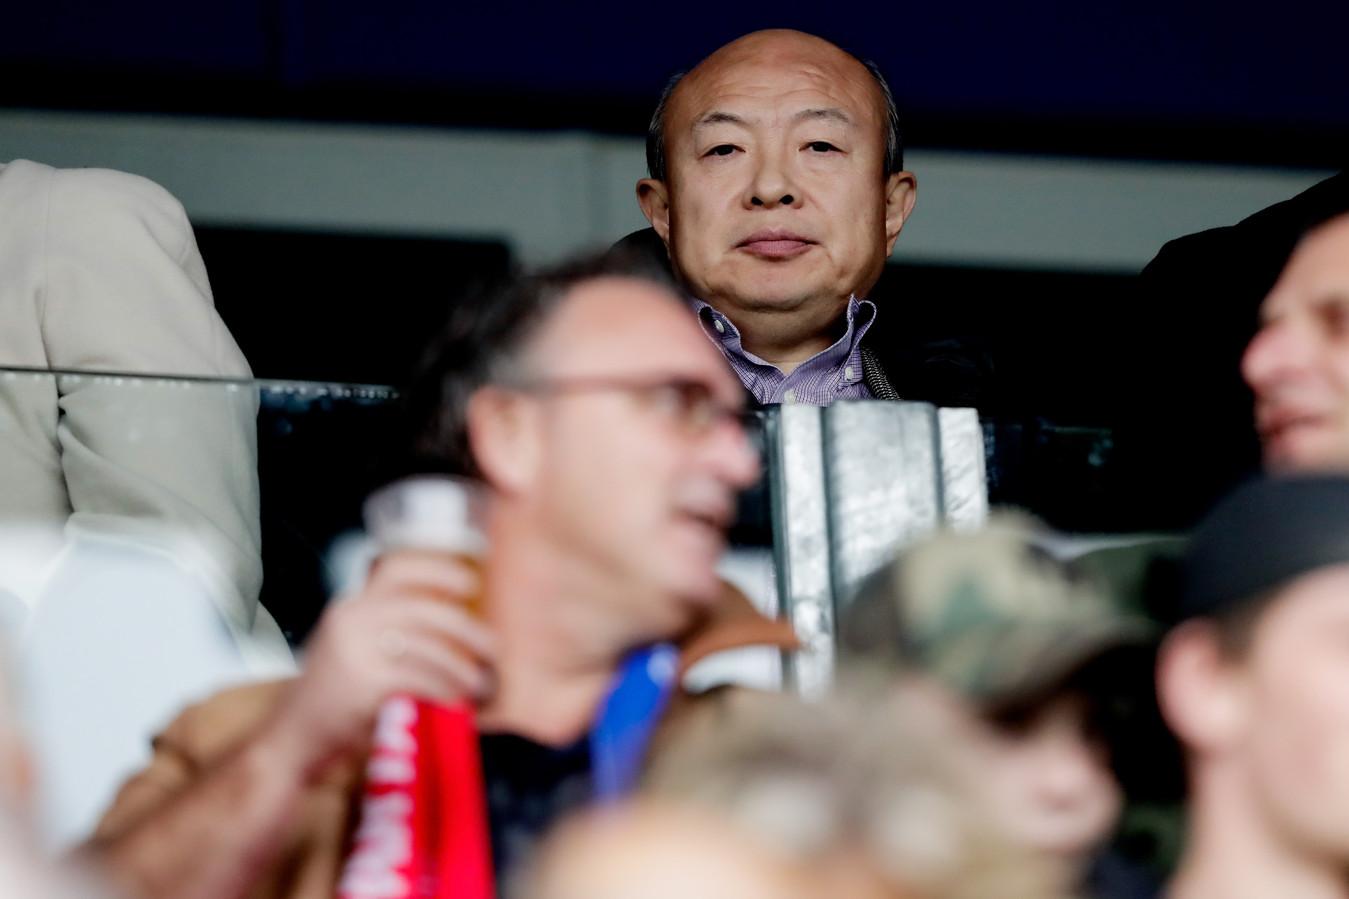 Wang Hui als toeschouwer afgelopen zondag bij PEC Zwolle-ADO Den Haag.